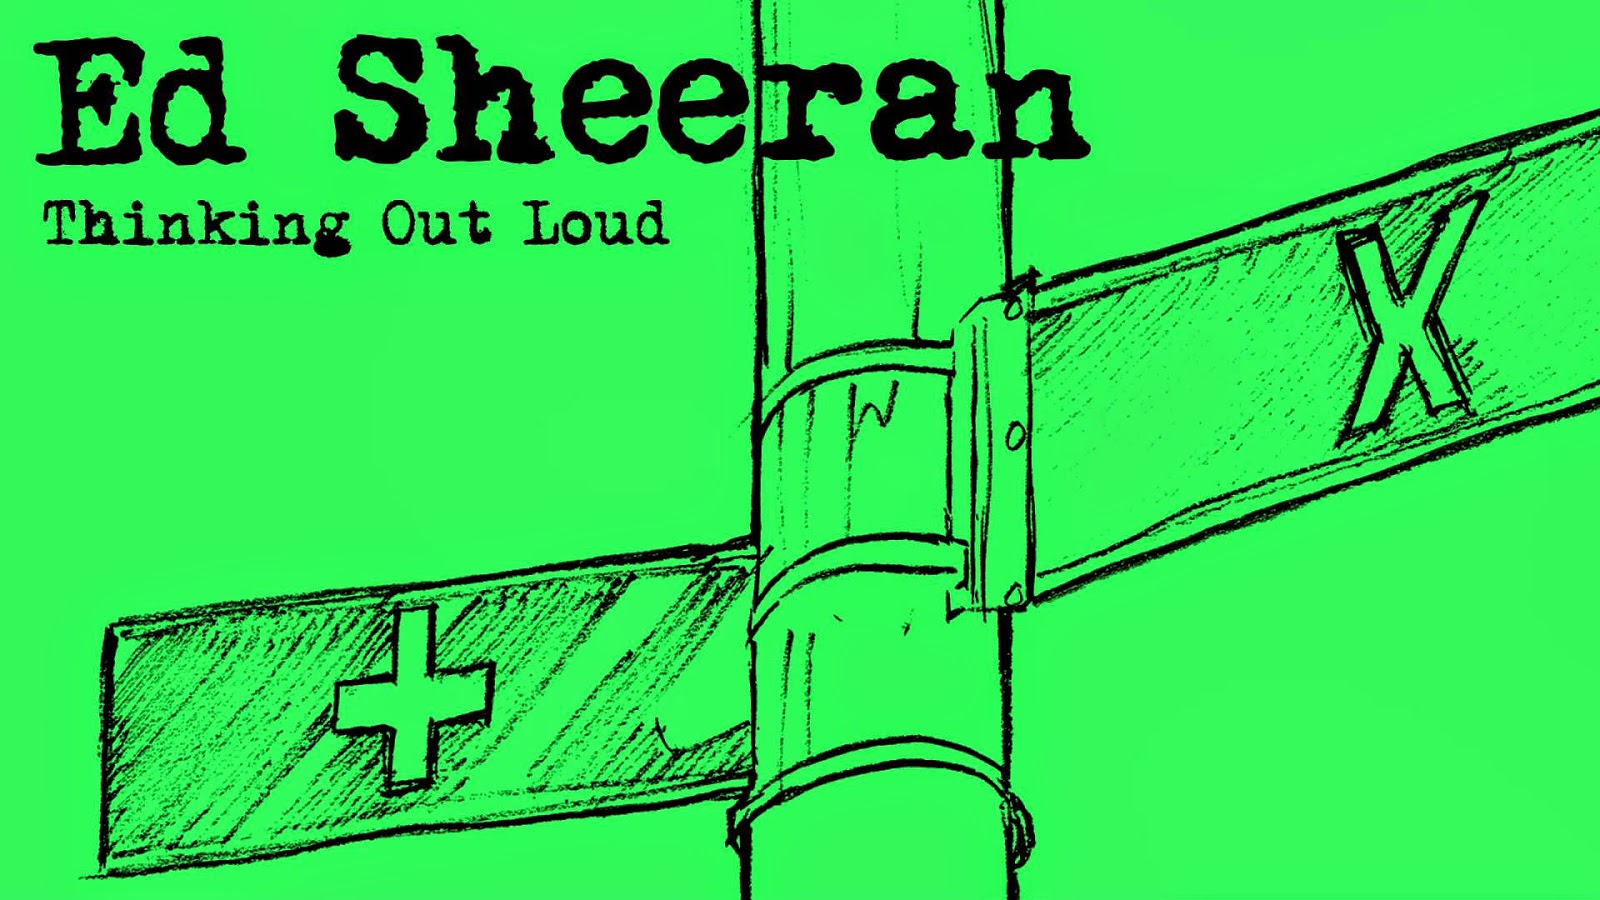 Ed Sheeran - Thinking Out Loud Lyrics - SONGS ON LYRIC